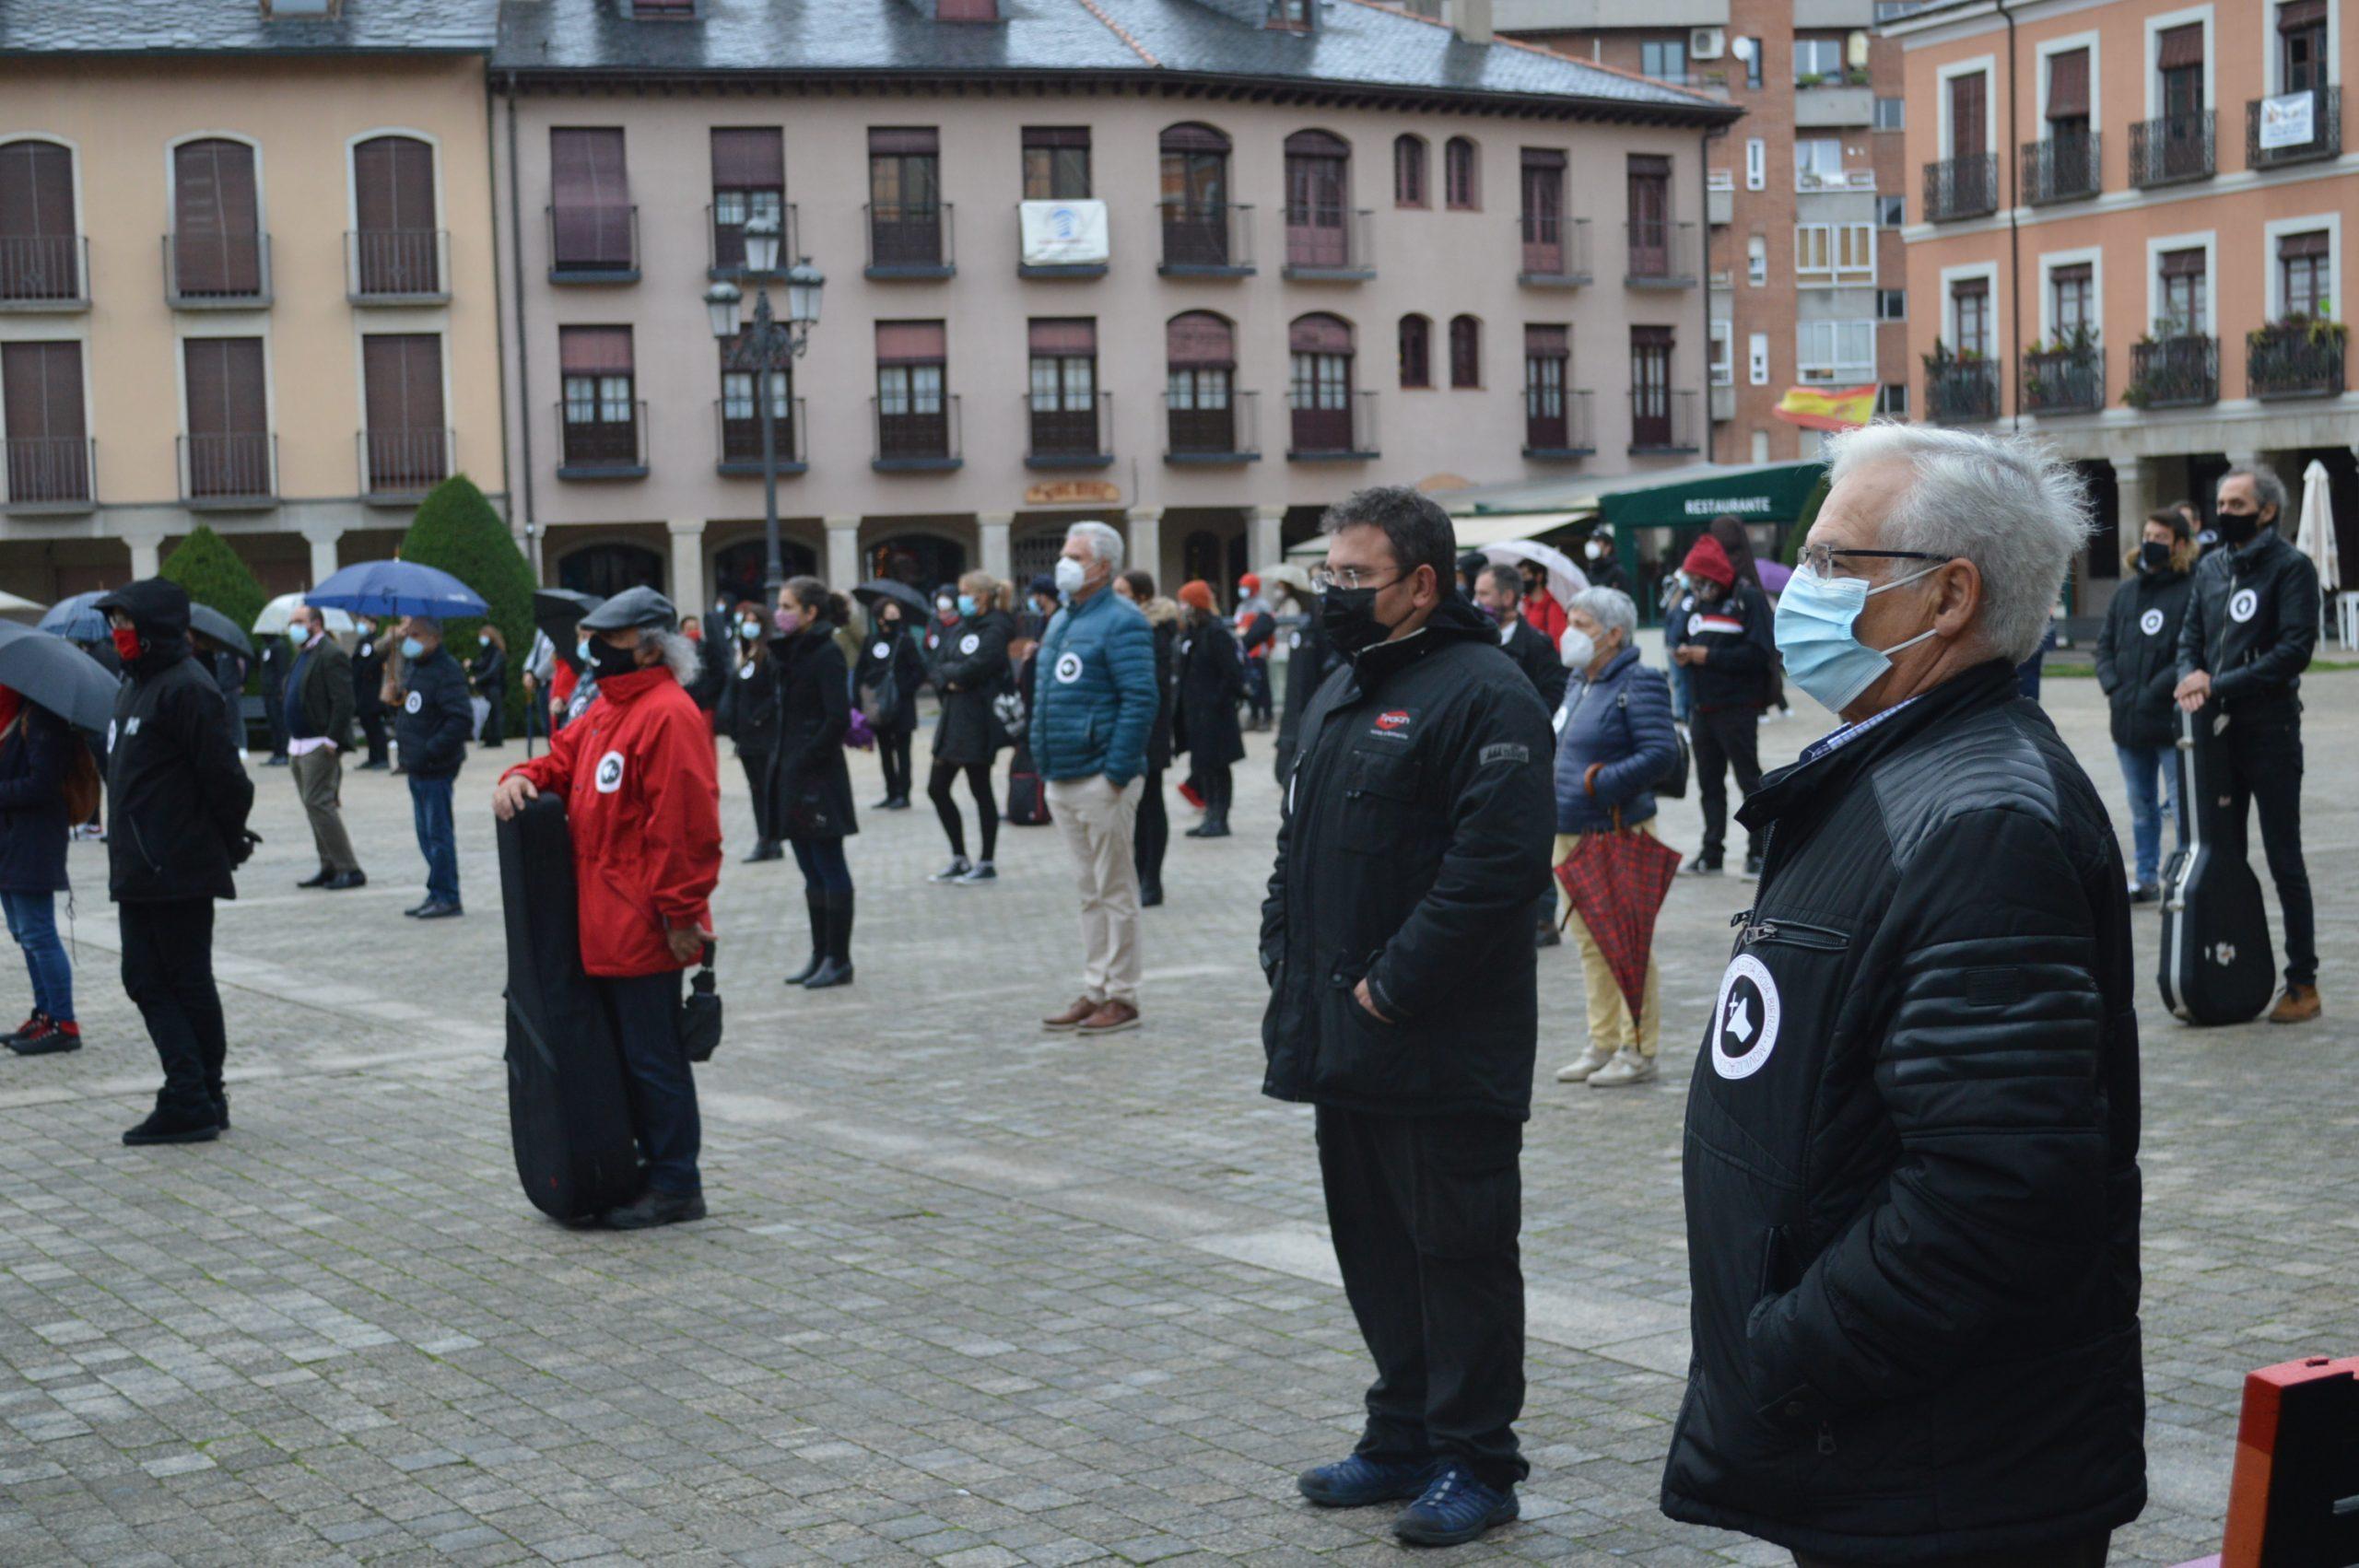 El sector de la cultura berciana activa la #alertaroja movilizándose en la plaza del Ayuntamiento de Ponferrada 10